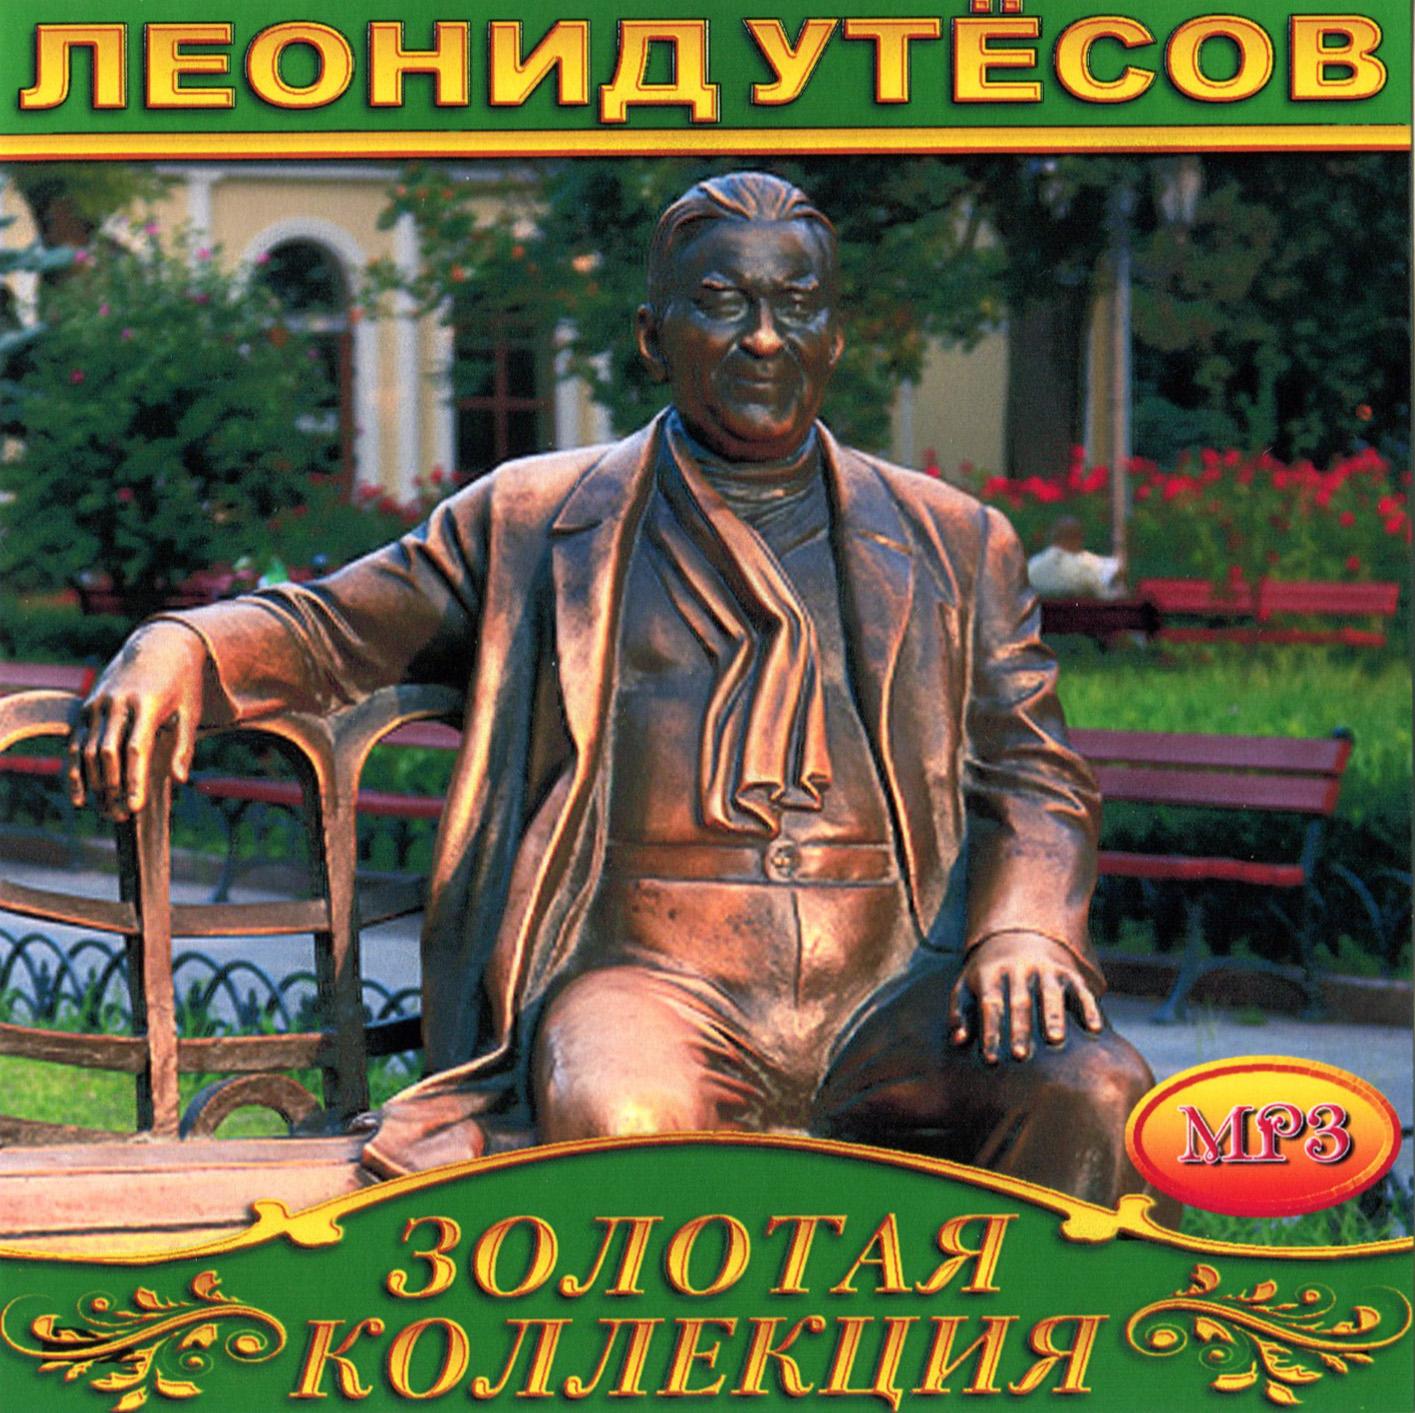 Леонид Утесов [mp3]